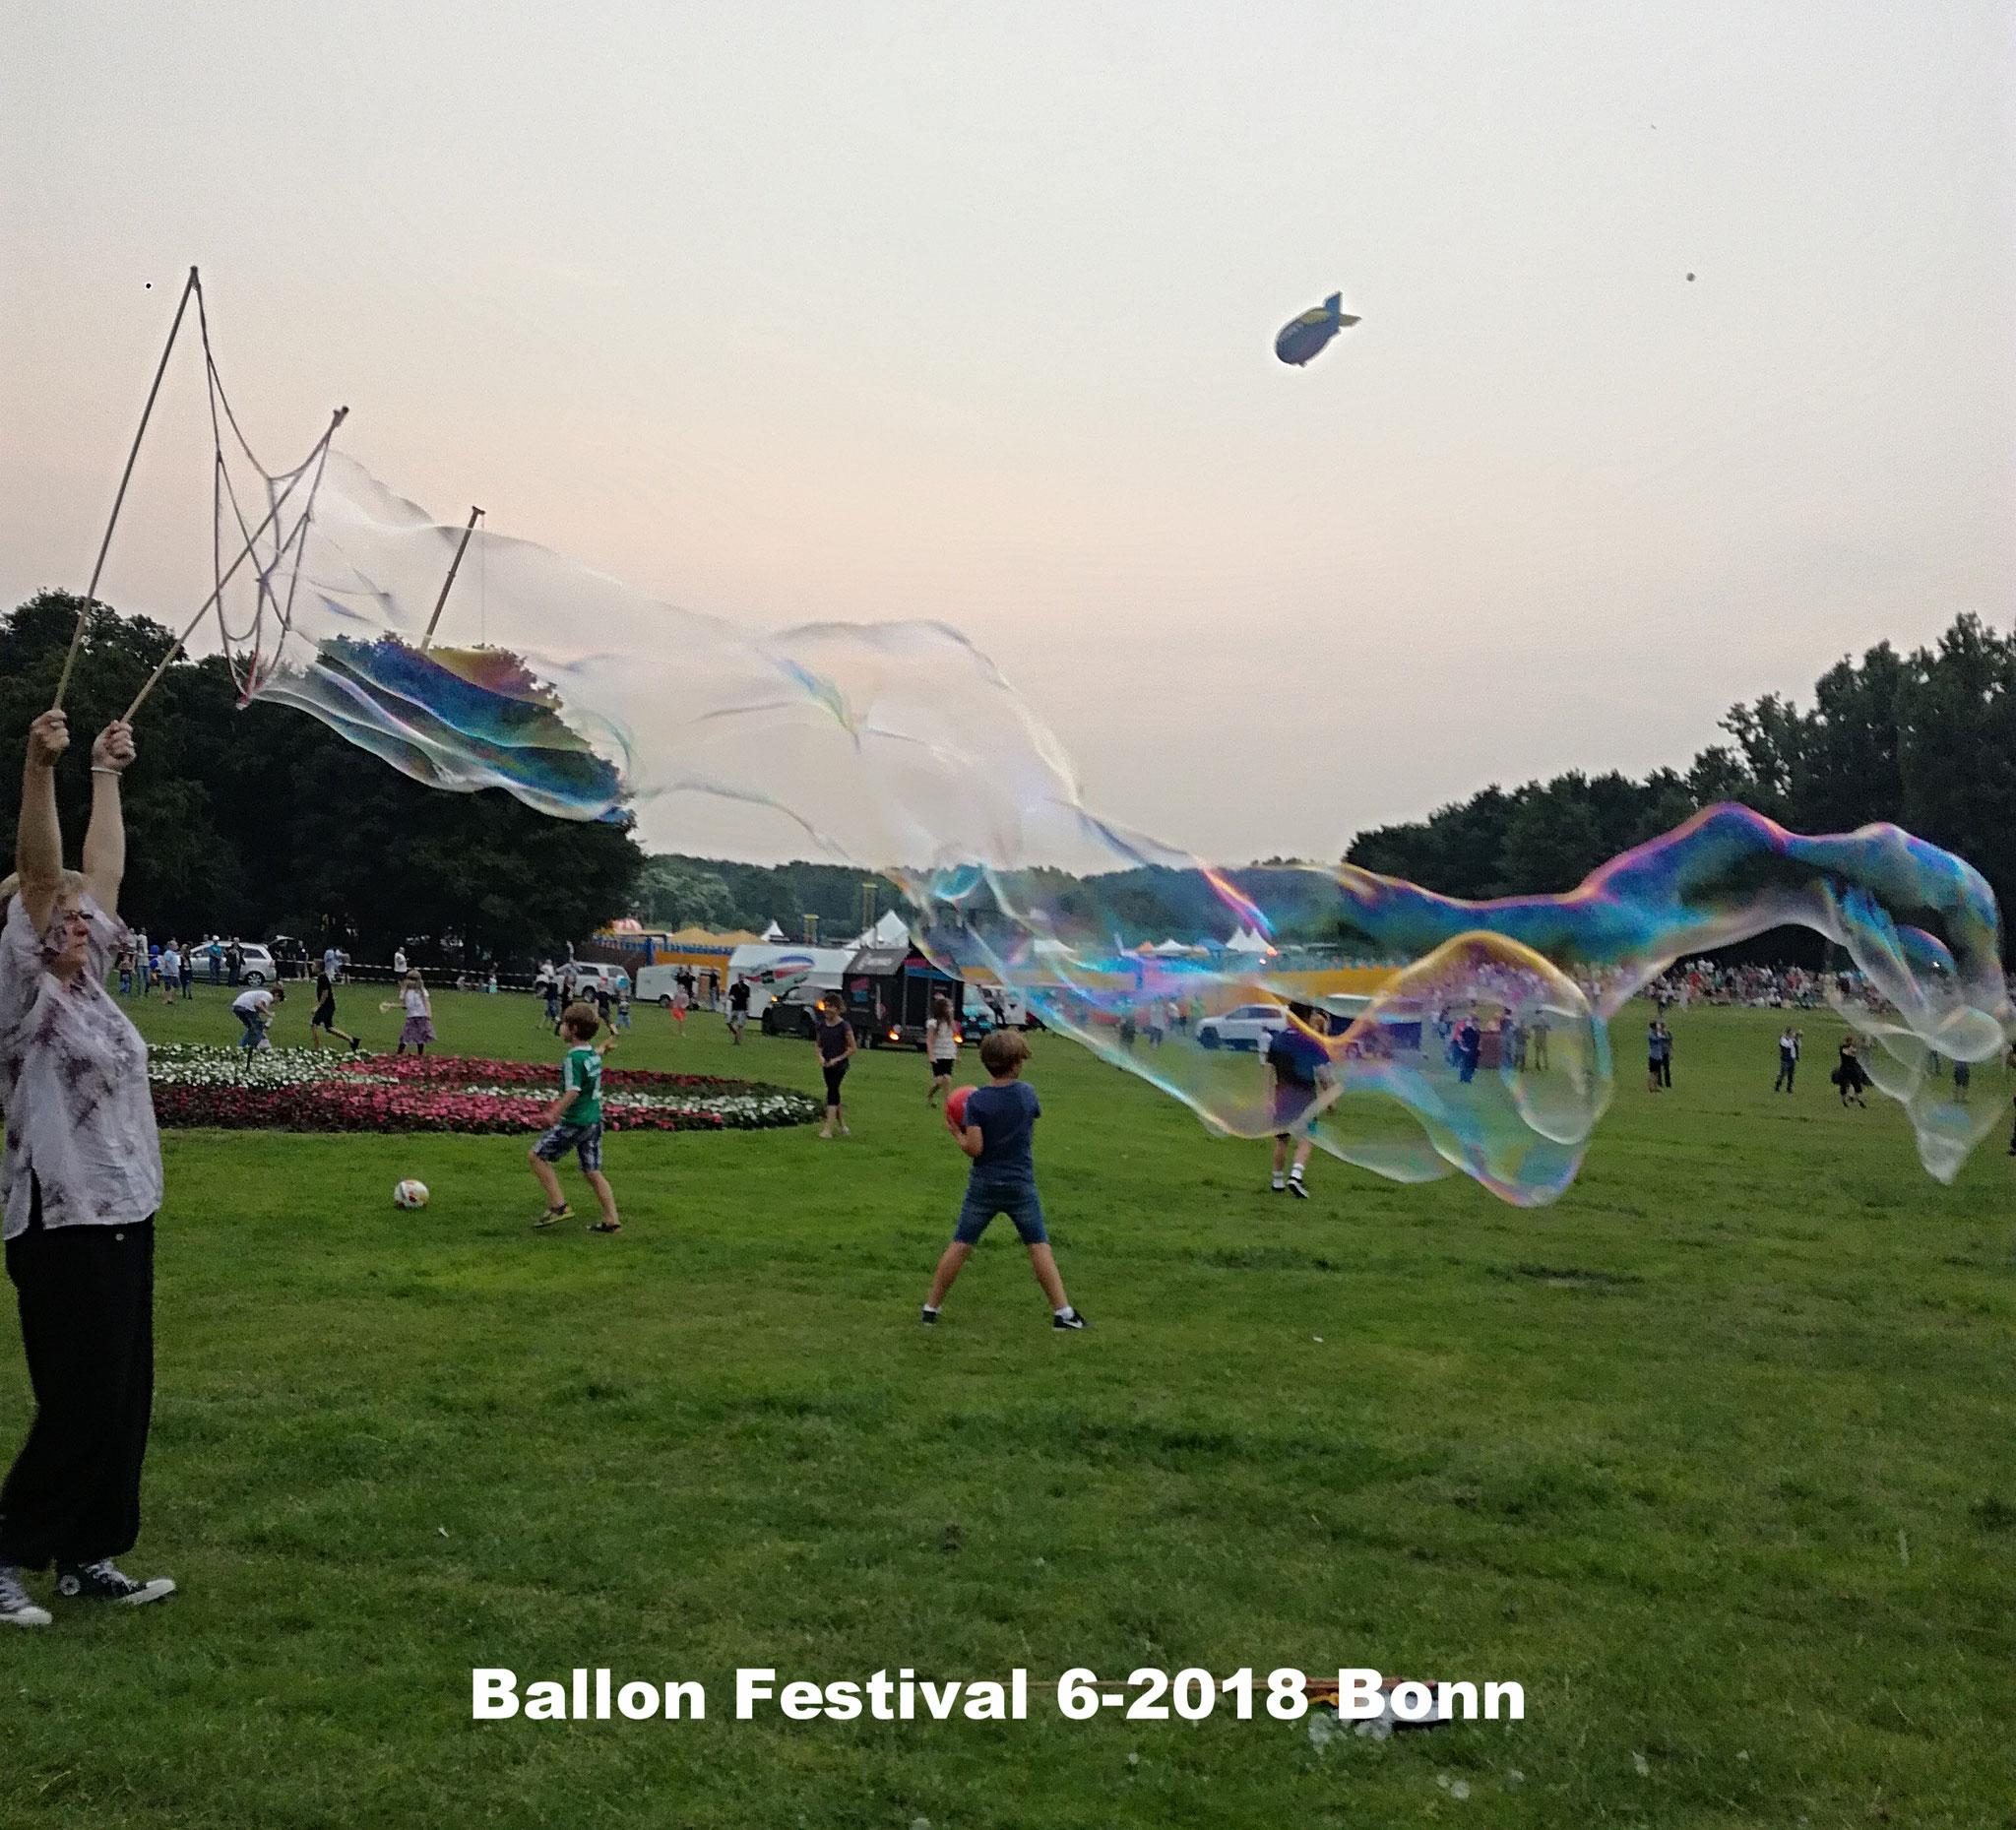 Ballon Festival 6-2018 Bonn